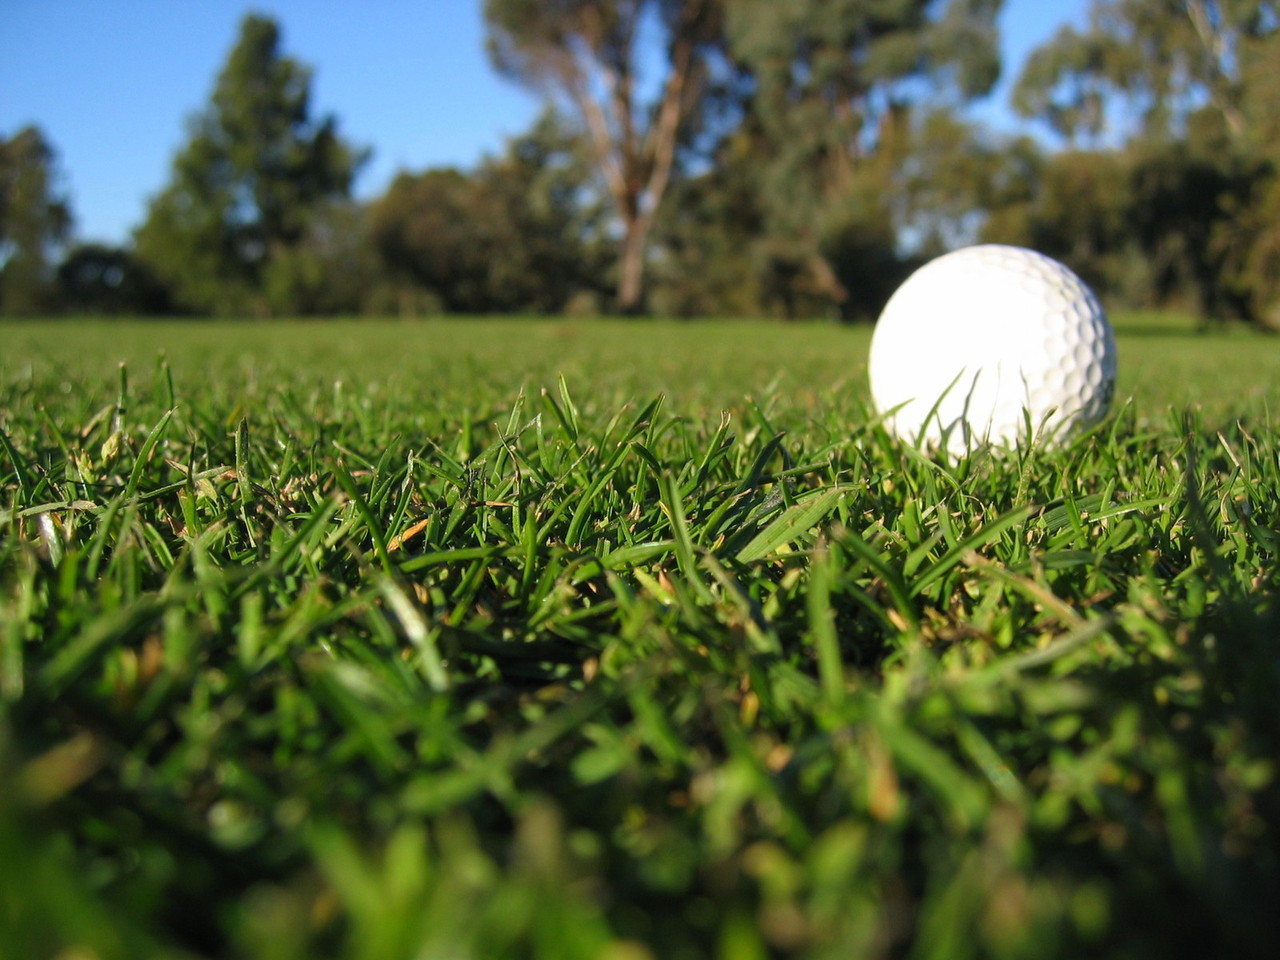 AJAKIRI GOLF! TEADMISEKS GOLFITREENERITELE! Eesti Golfi Liit otsib asjalikku peatreenerit